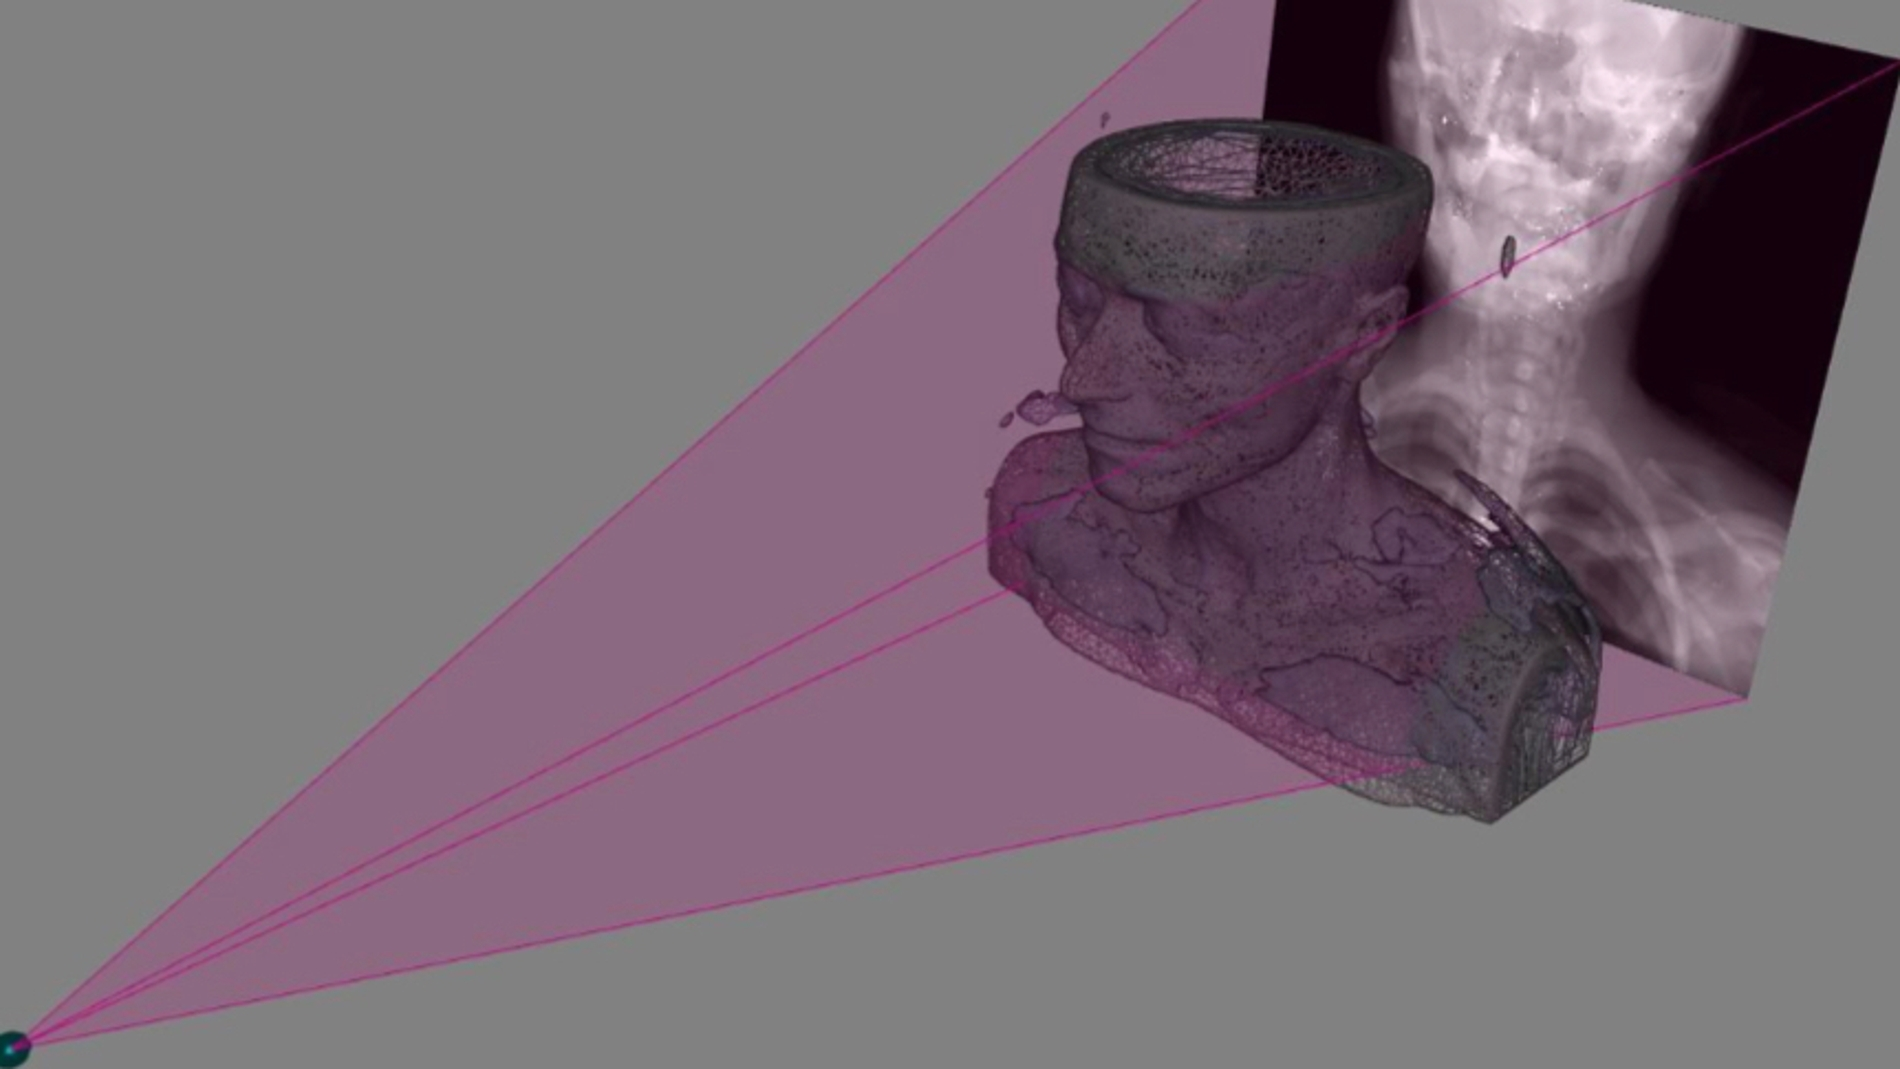 Figuración virtual del sistema que obtiene imágenes 3D a partir de radiografías